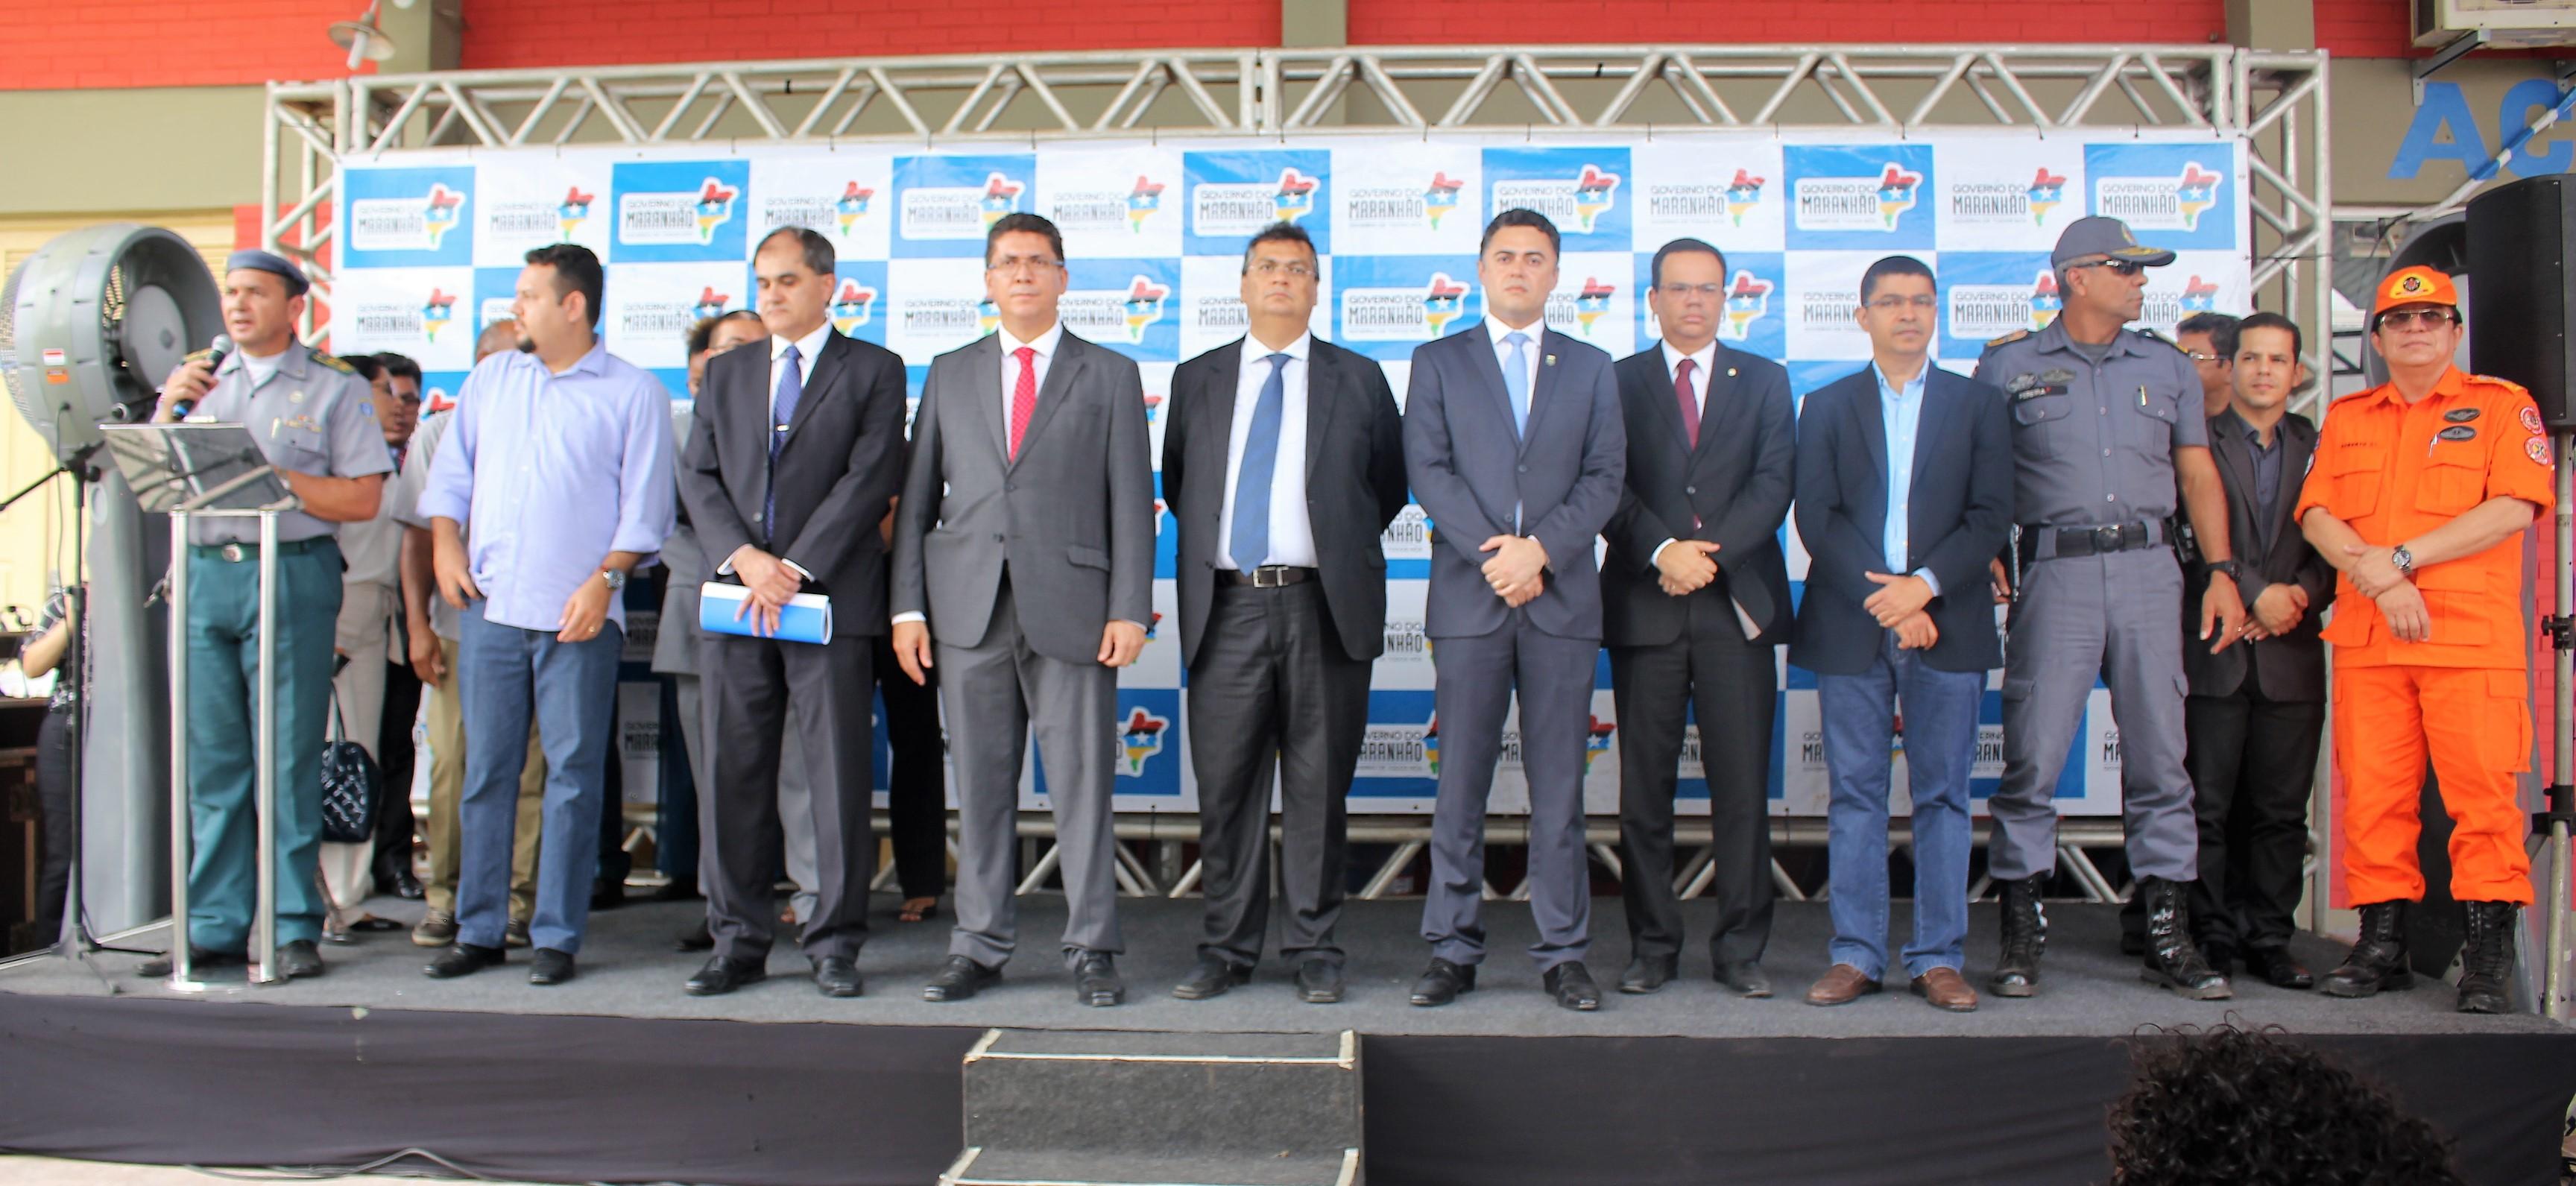 Secretário Jefferson Portela participa de solenidade de reinauguração da Academia de Polícia Civil